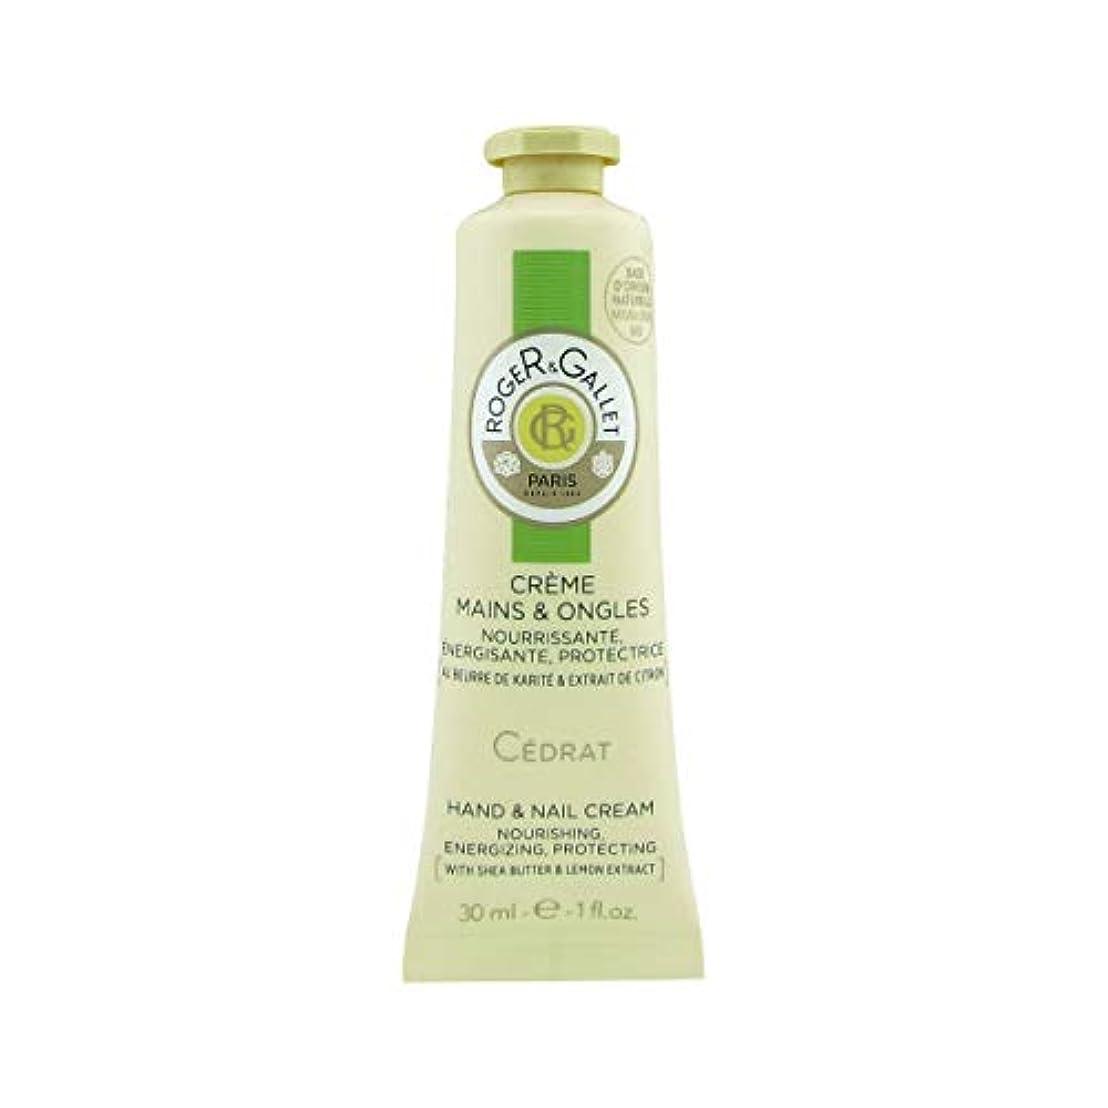 励起どう?ダイヤルロジェガレ Cedrat (Citron) Hand & Nail Cream 30ml/1oz並行輸入品